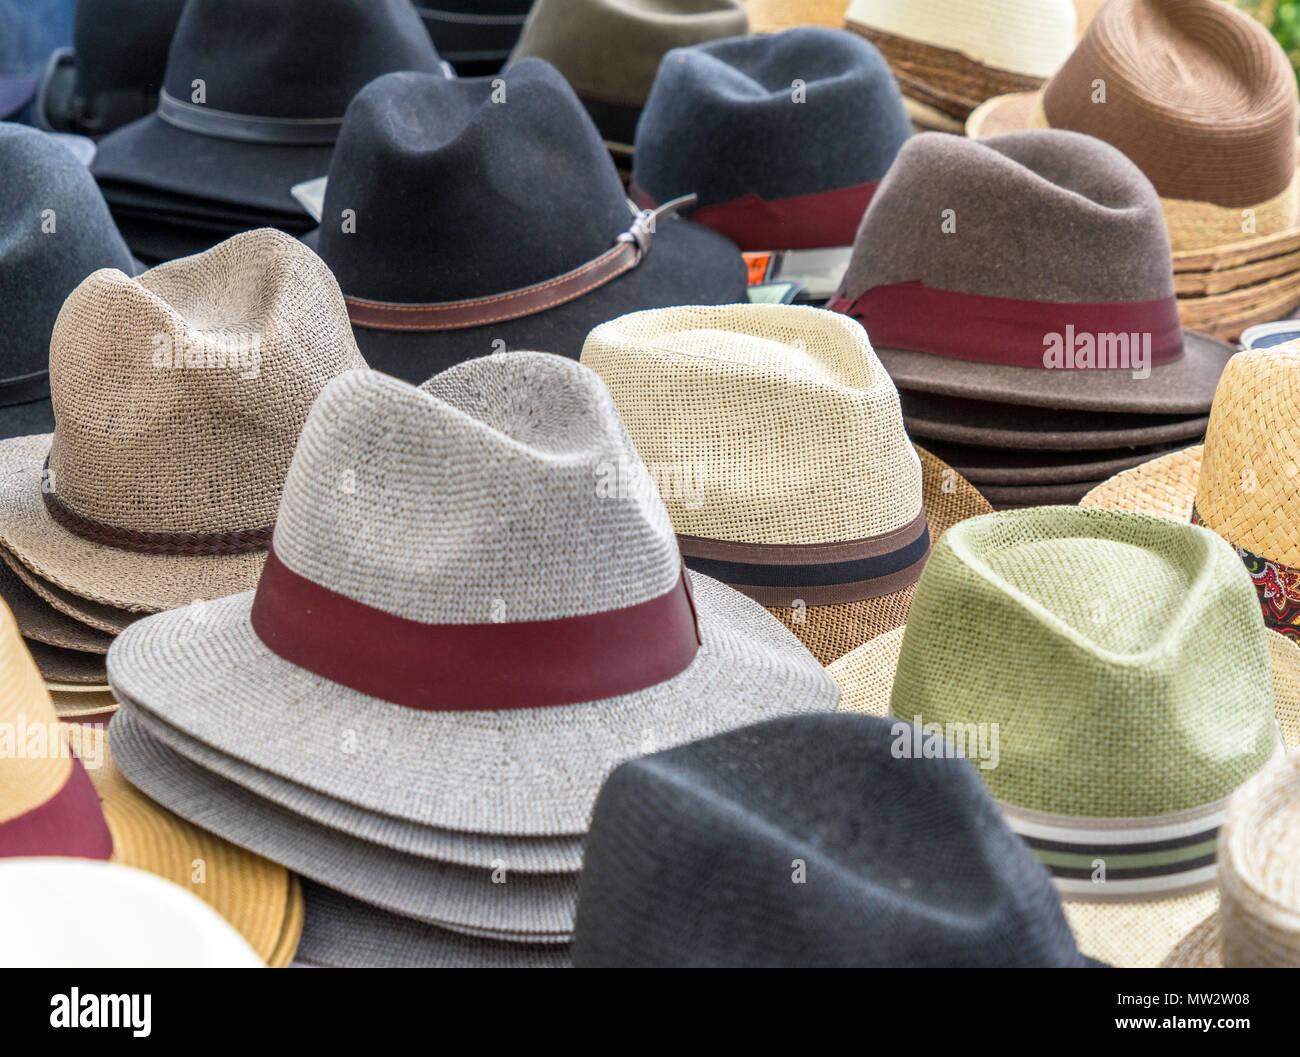 Muchos sombreros para hombres en diferentes formas y colores en una  pantalla para la venta 9c4bcbece52a